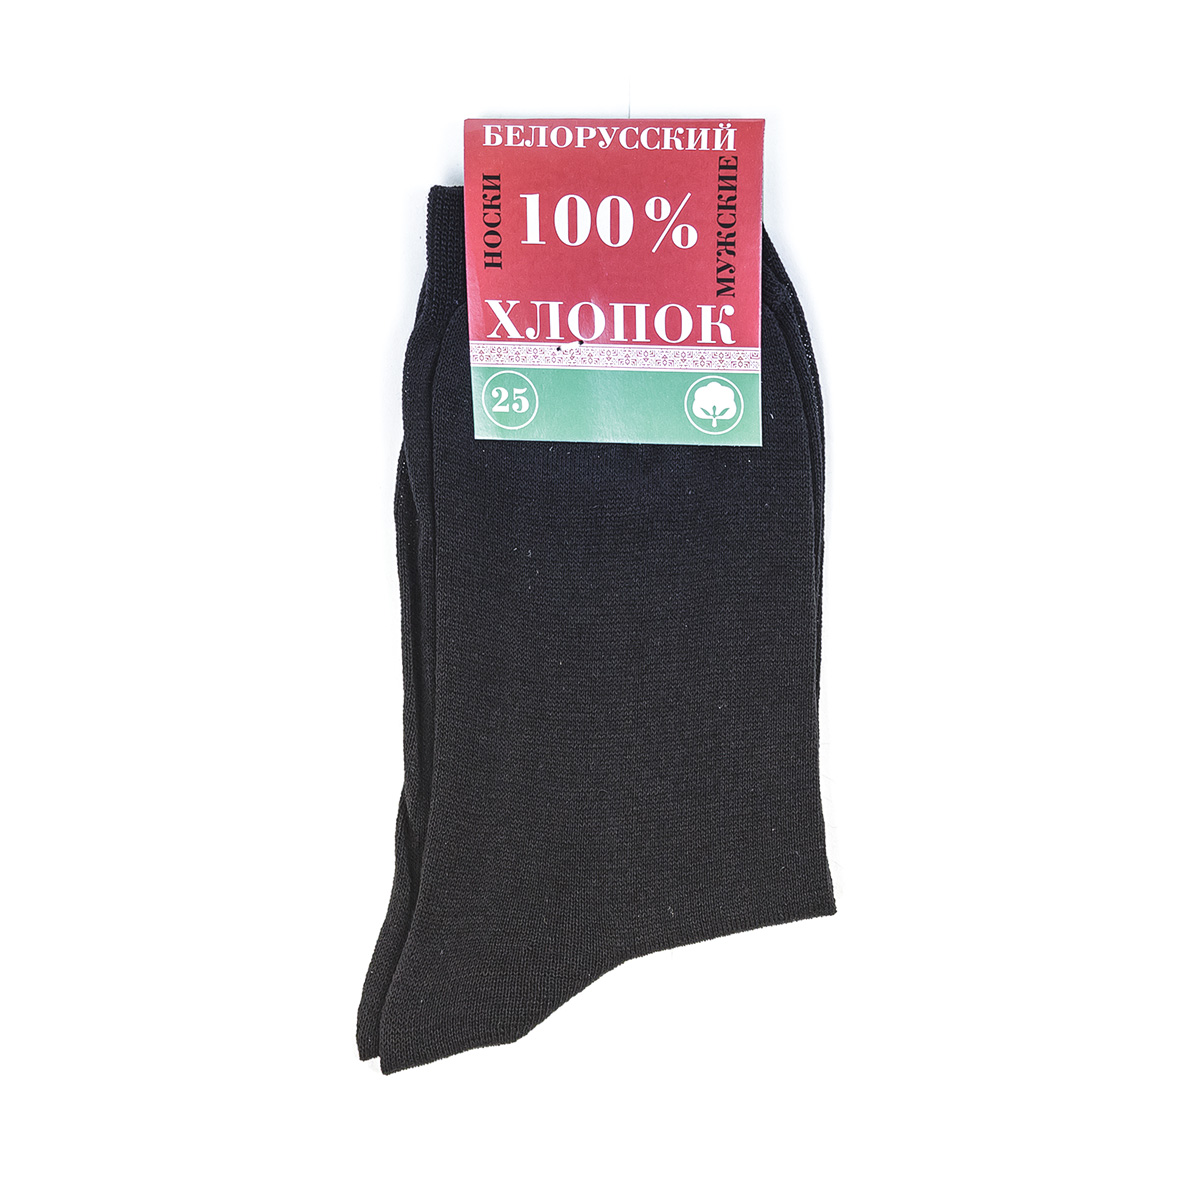 Носки мужские Хлопковые, размер 45-46Носки<br><br><br>Тип: Муж. носки<br>Размер: 45-46<br>Материал: Хлопок